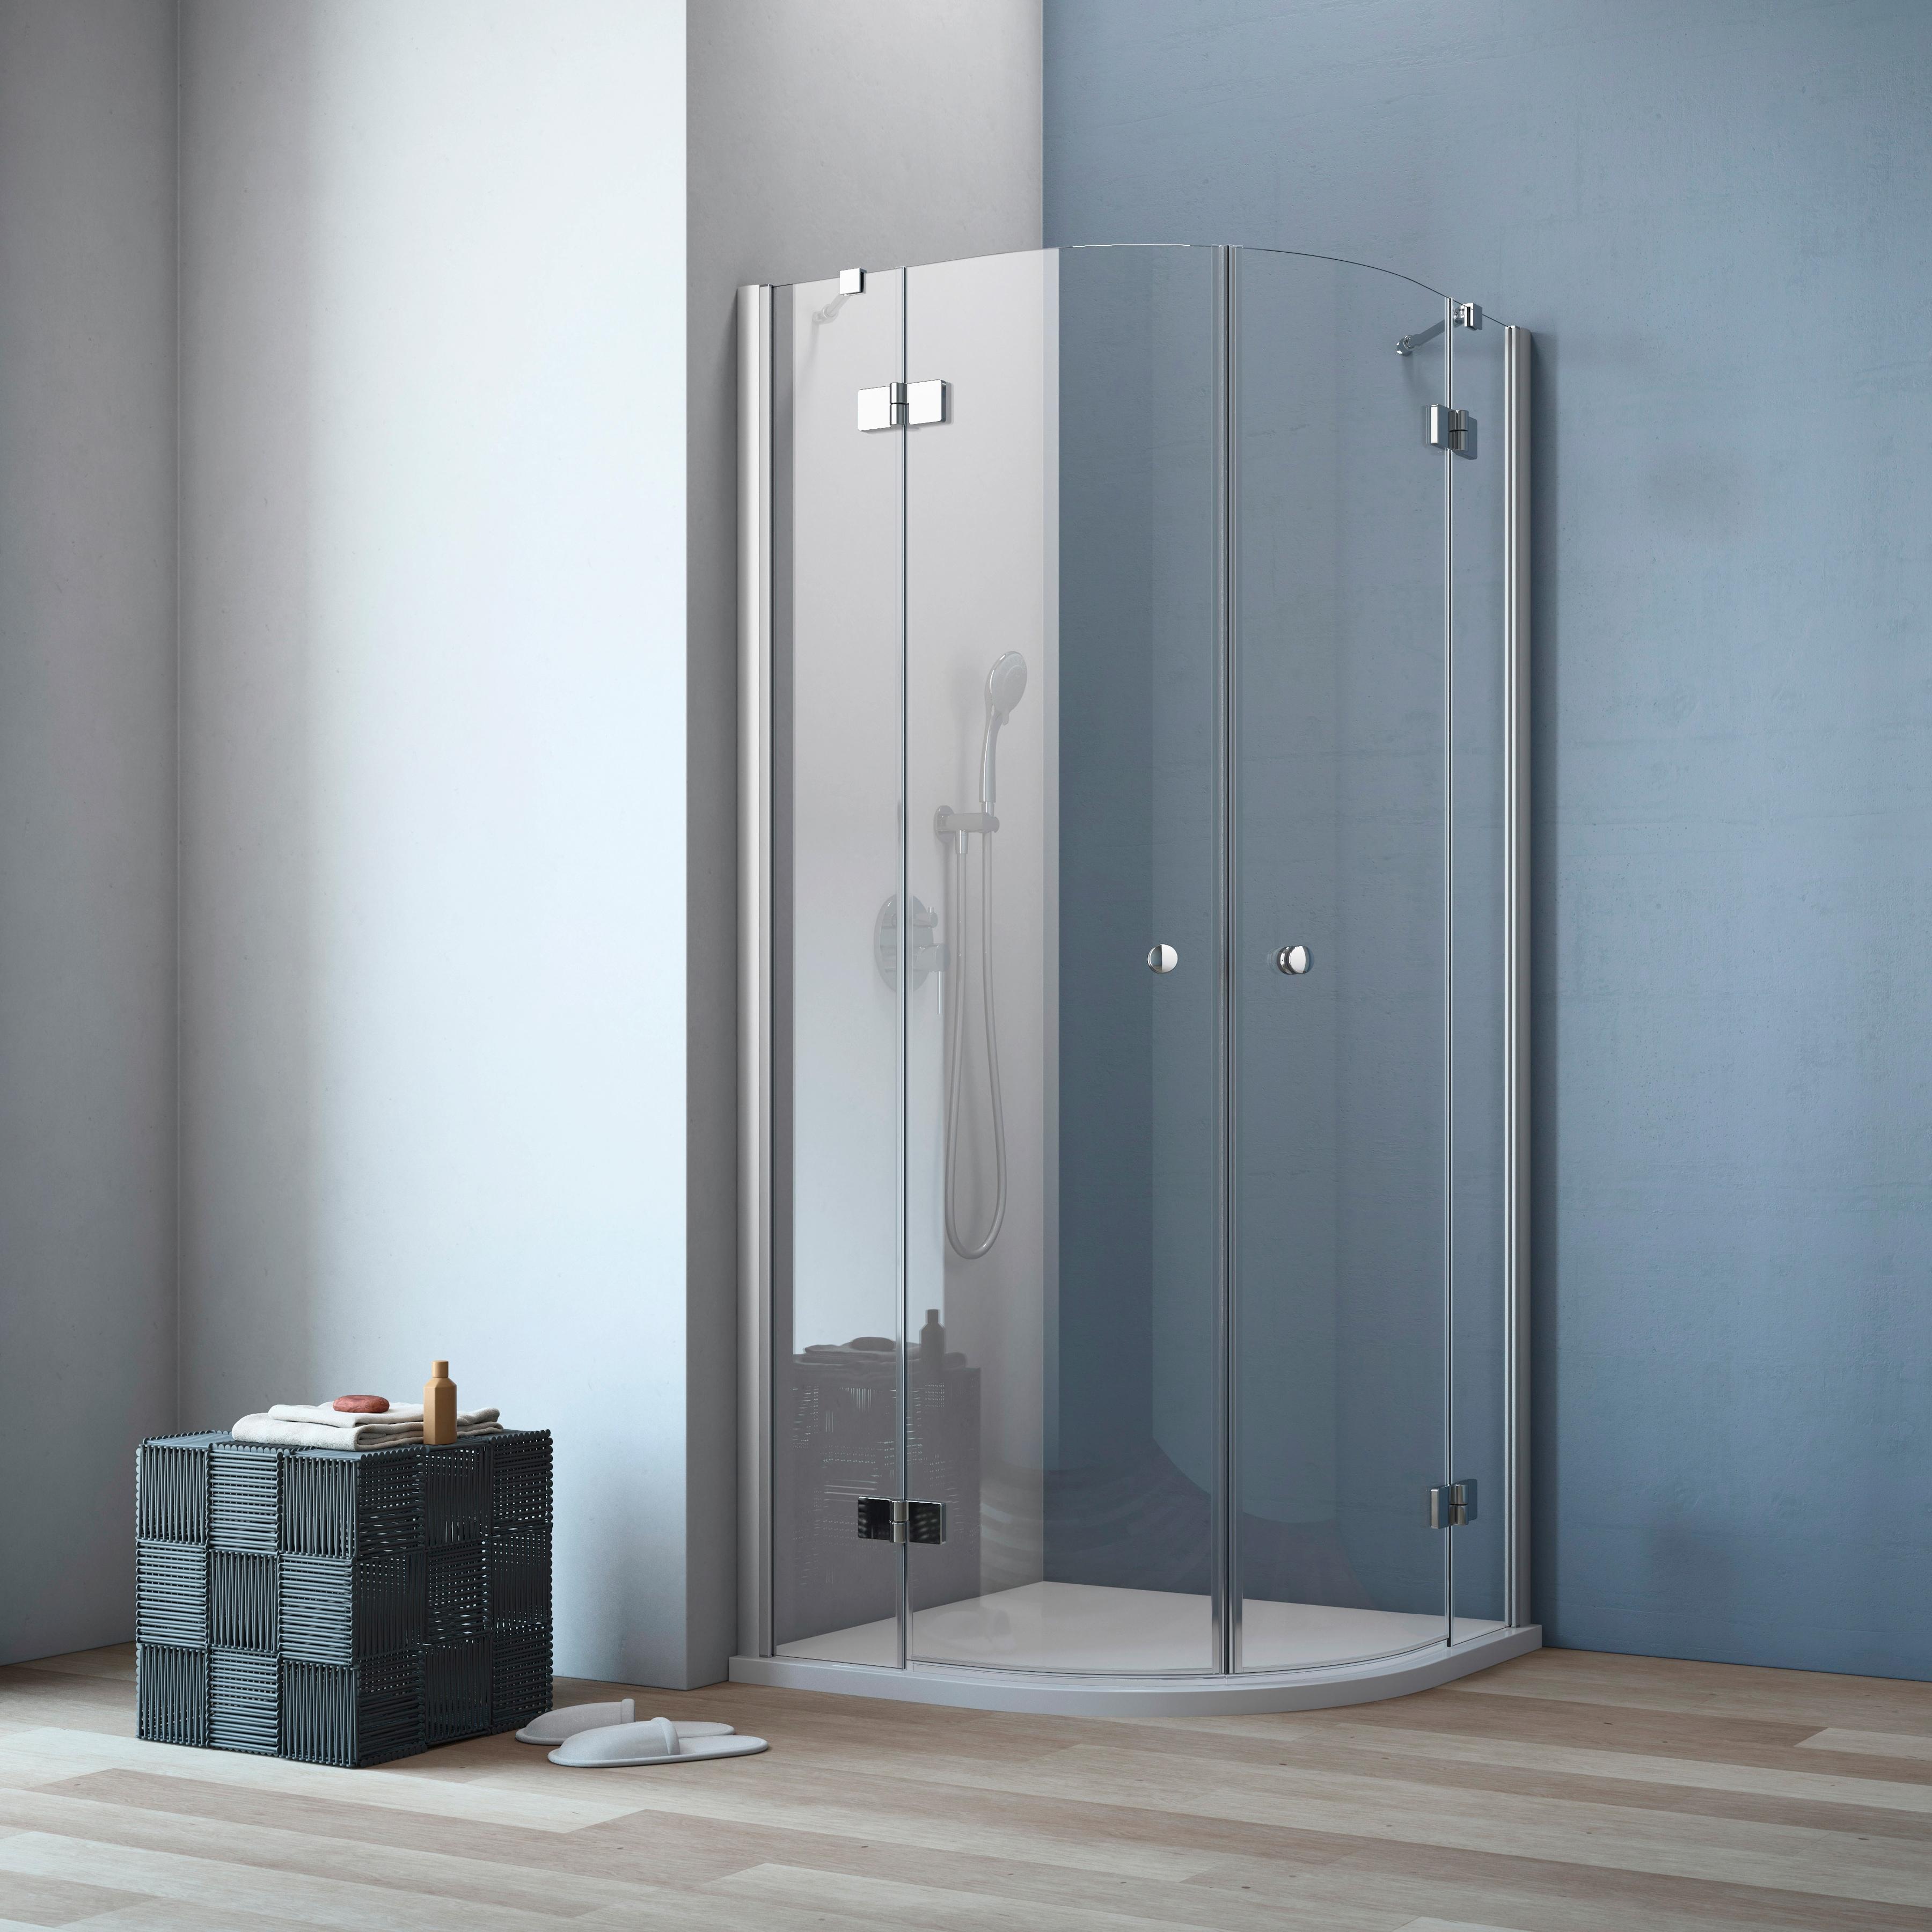 maw Runddusche A-R300, ebenerdiger Einbau möglich silberfarben Duschkabinen Duschen Bad Sanitär Eckdusche